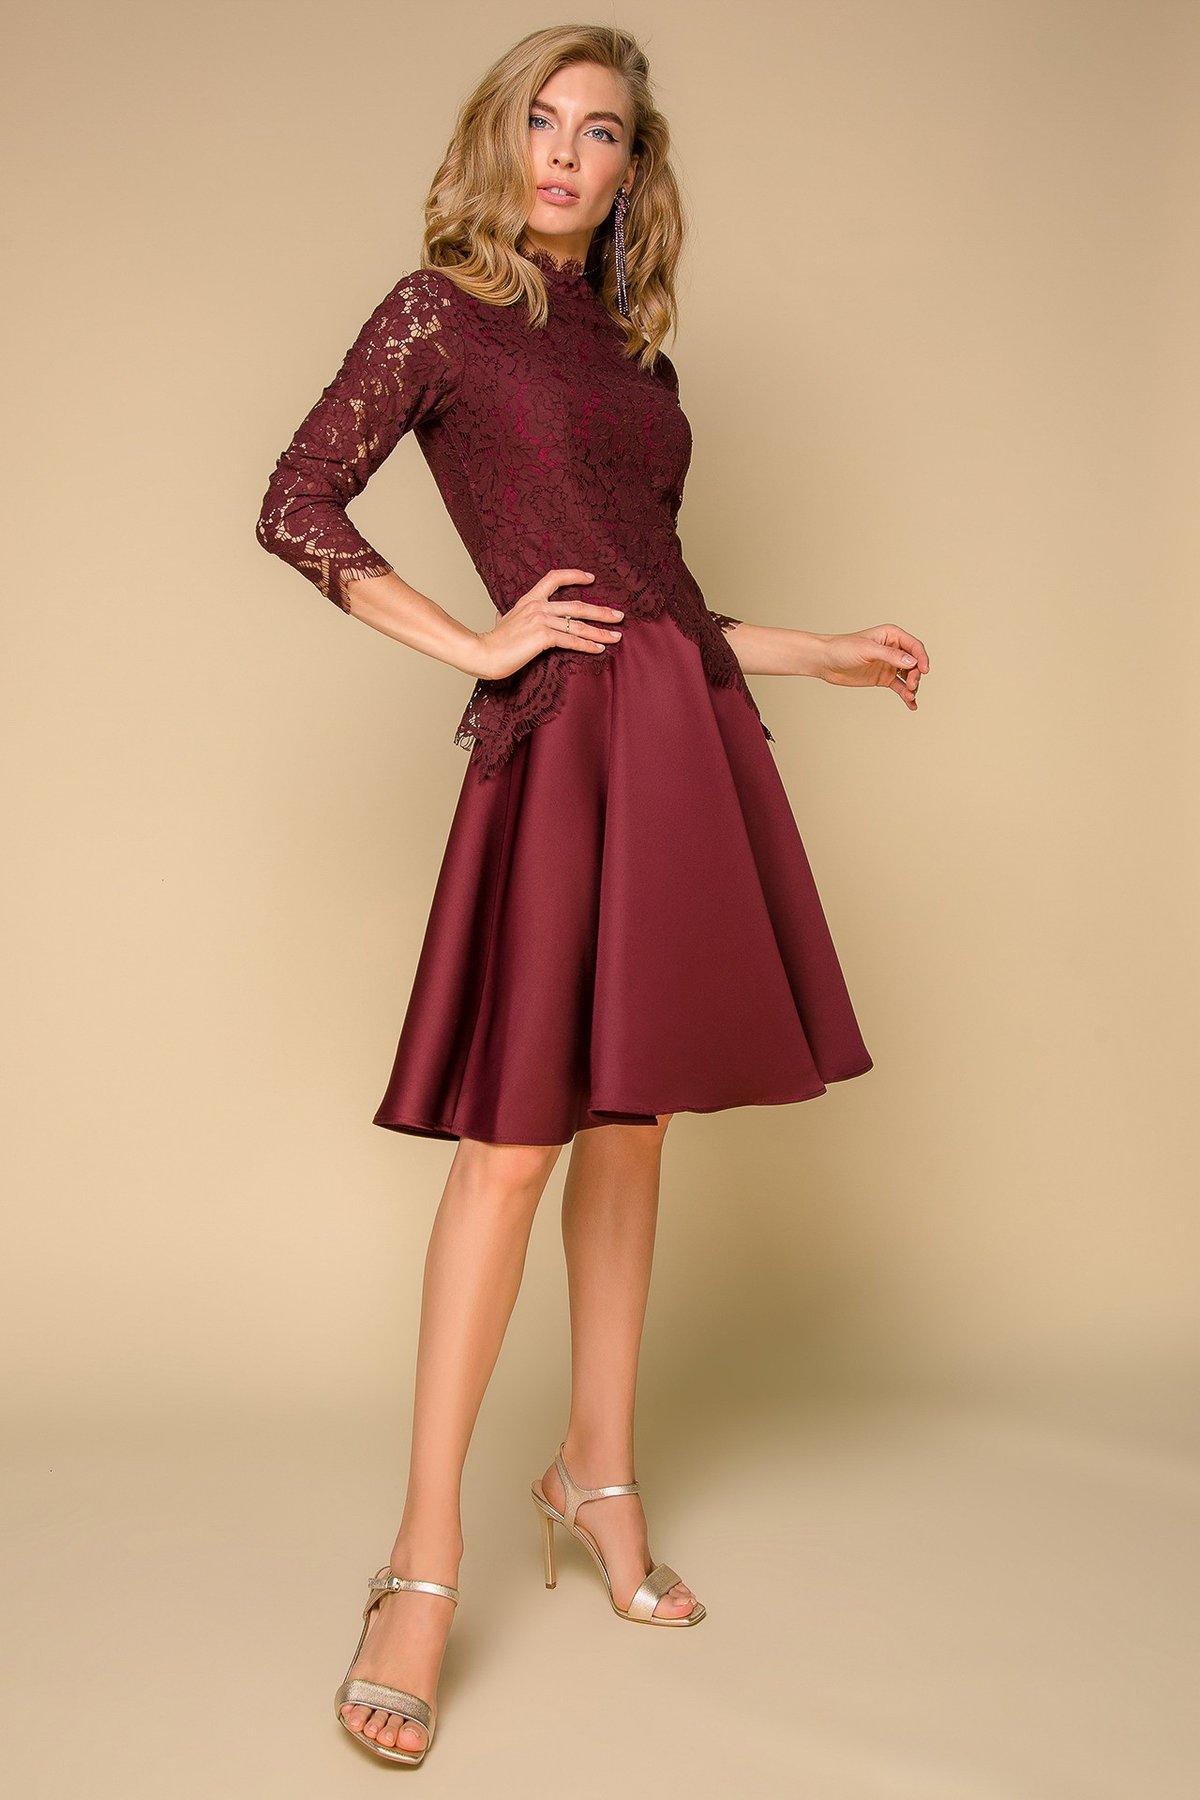 одном золотые аксессуары для бордового платья фото важна форма длина